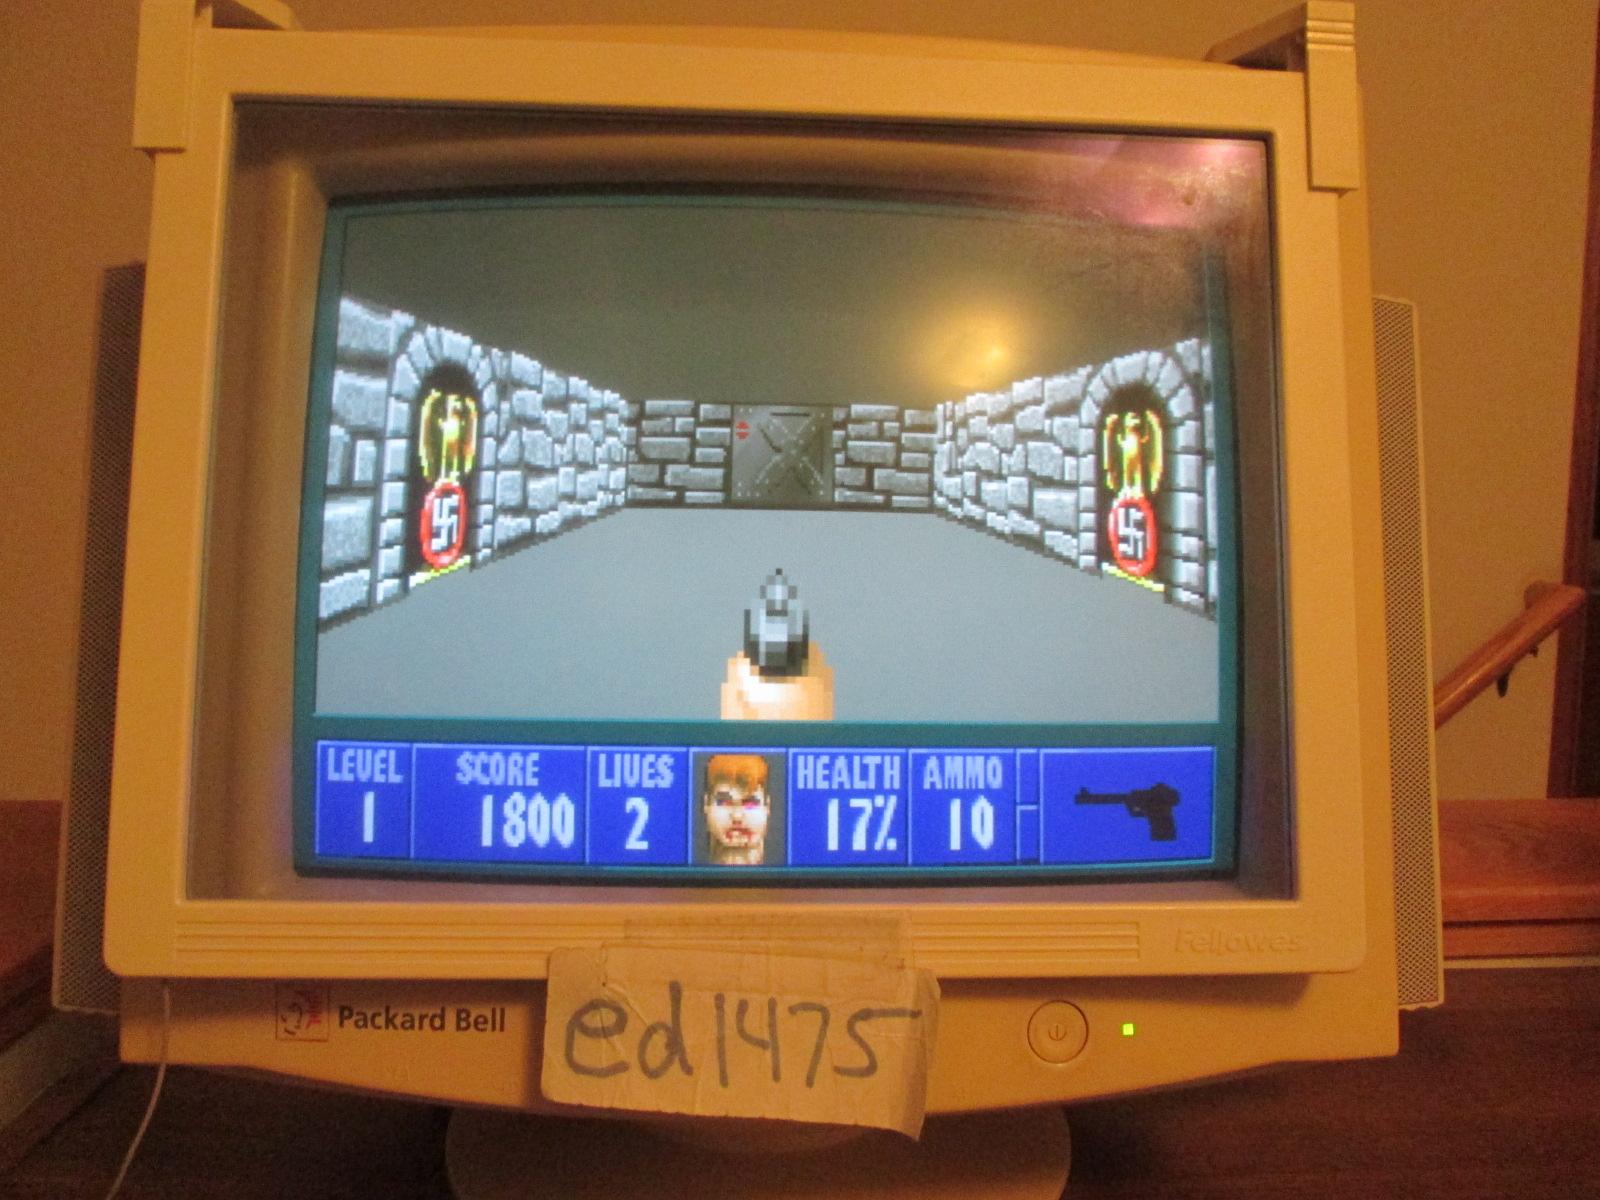 ed1475: Wolfenstein 3D: Episode 3: Die, Fuhrer, Die! [Bring